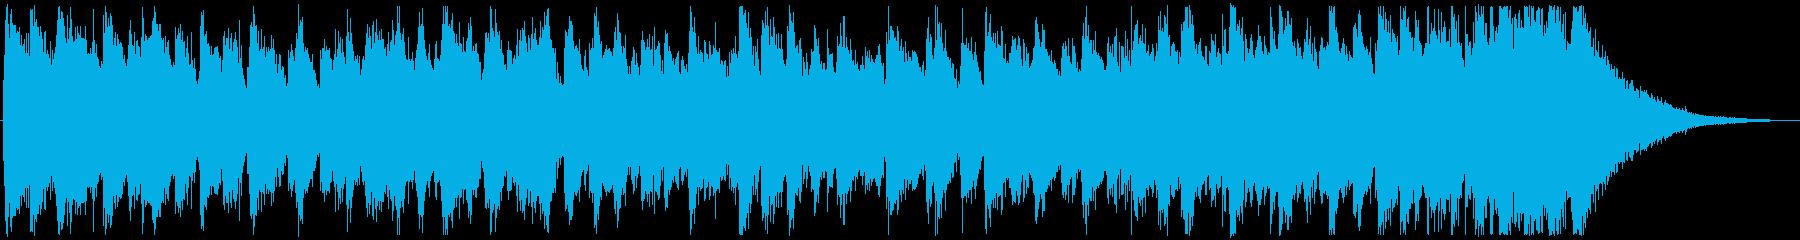 ジングル・楽しいファンクの再生済みの波形